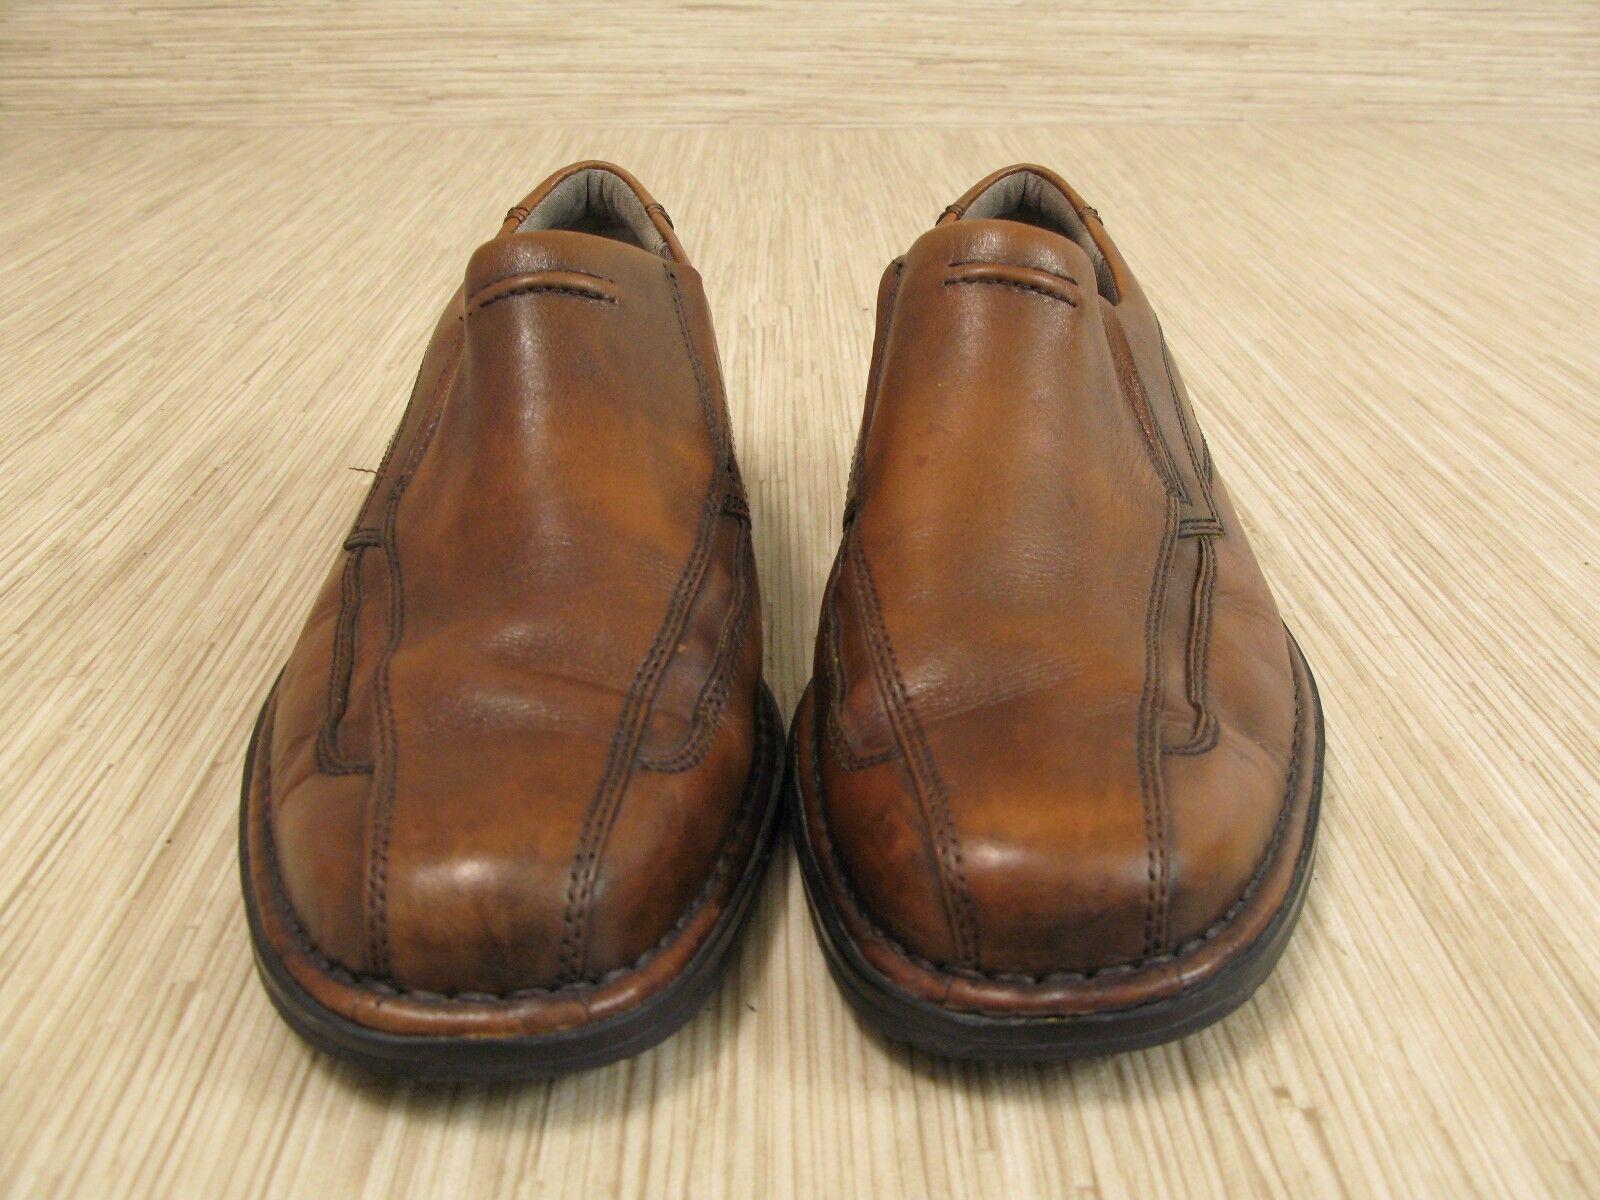 ... clarks hagen de cuir taille brun taille cuir de mocassins occasionnels  de 9 m hommes nous ... a1a795e164e8